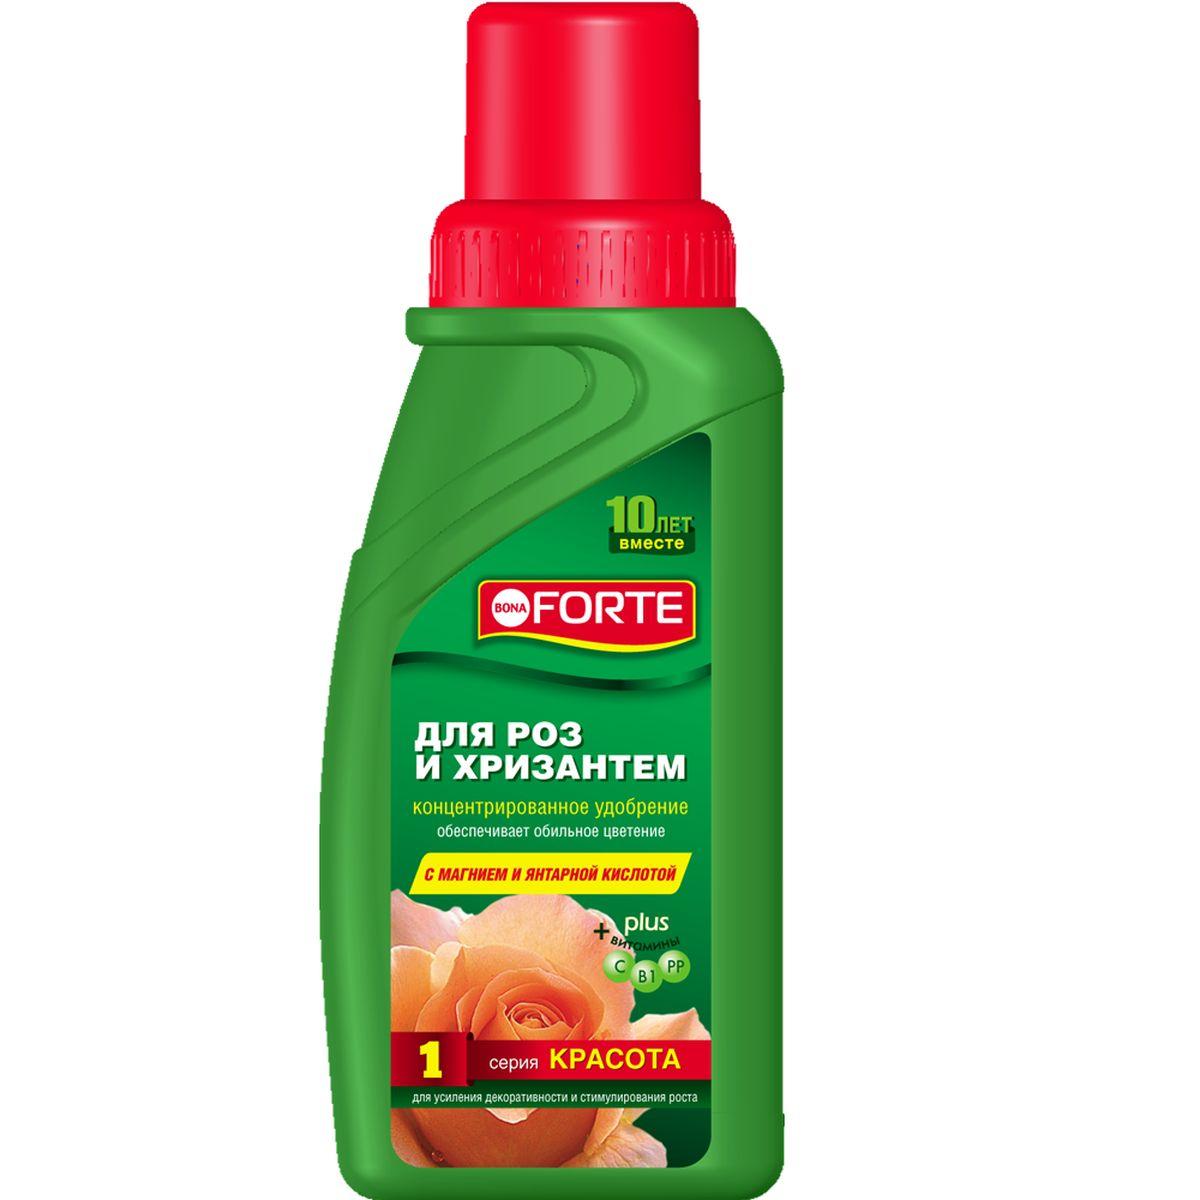 Жидкое комплексное удобрение Bona Forte, для роз и хризантем, 285 млBF-21-01-025-1Стимулирует повторное цветение и образование новых бутонов, укрепляет иммунитет растений. Состав: Три основных макроэлемента (NPK): азот (N) - 3 %, фосфор (P2O5) - 4 %, калий (K2O) - 8 %; Основной мезоэлемент (Mg): магний(MgO) - 0,6 % Семь микроэлементов: бор, железо, марганец, цинк, медь, молибден, кобальт. Из них шесть микроэлементов в хелатной форме: железо, марганец, цинк, медь, молибден, кобальт.Комплекс витаминов: B1, PP, С. Стимулятор роста: янтарная кислота.